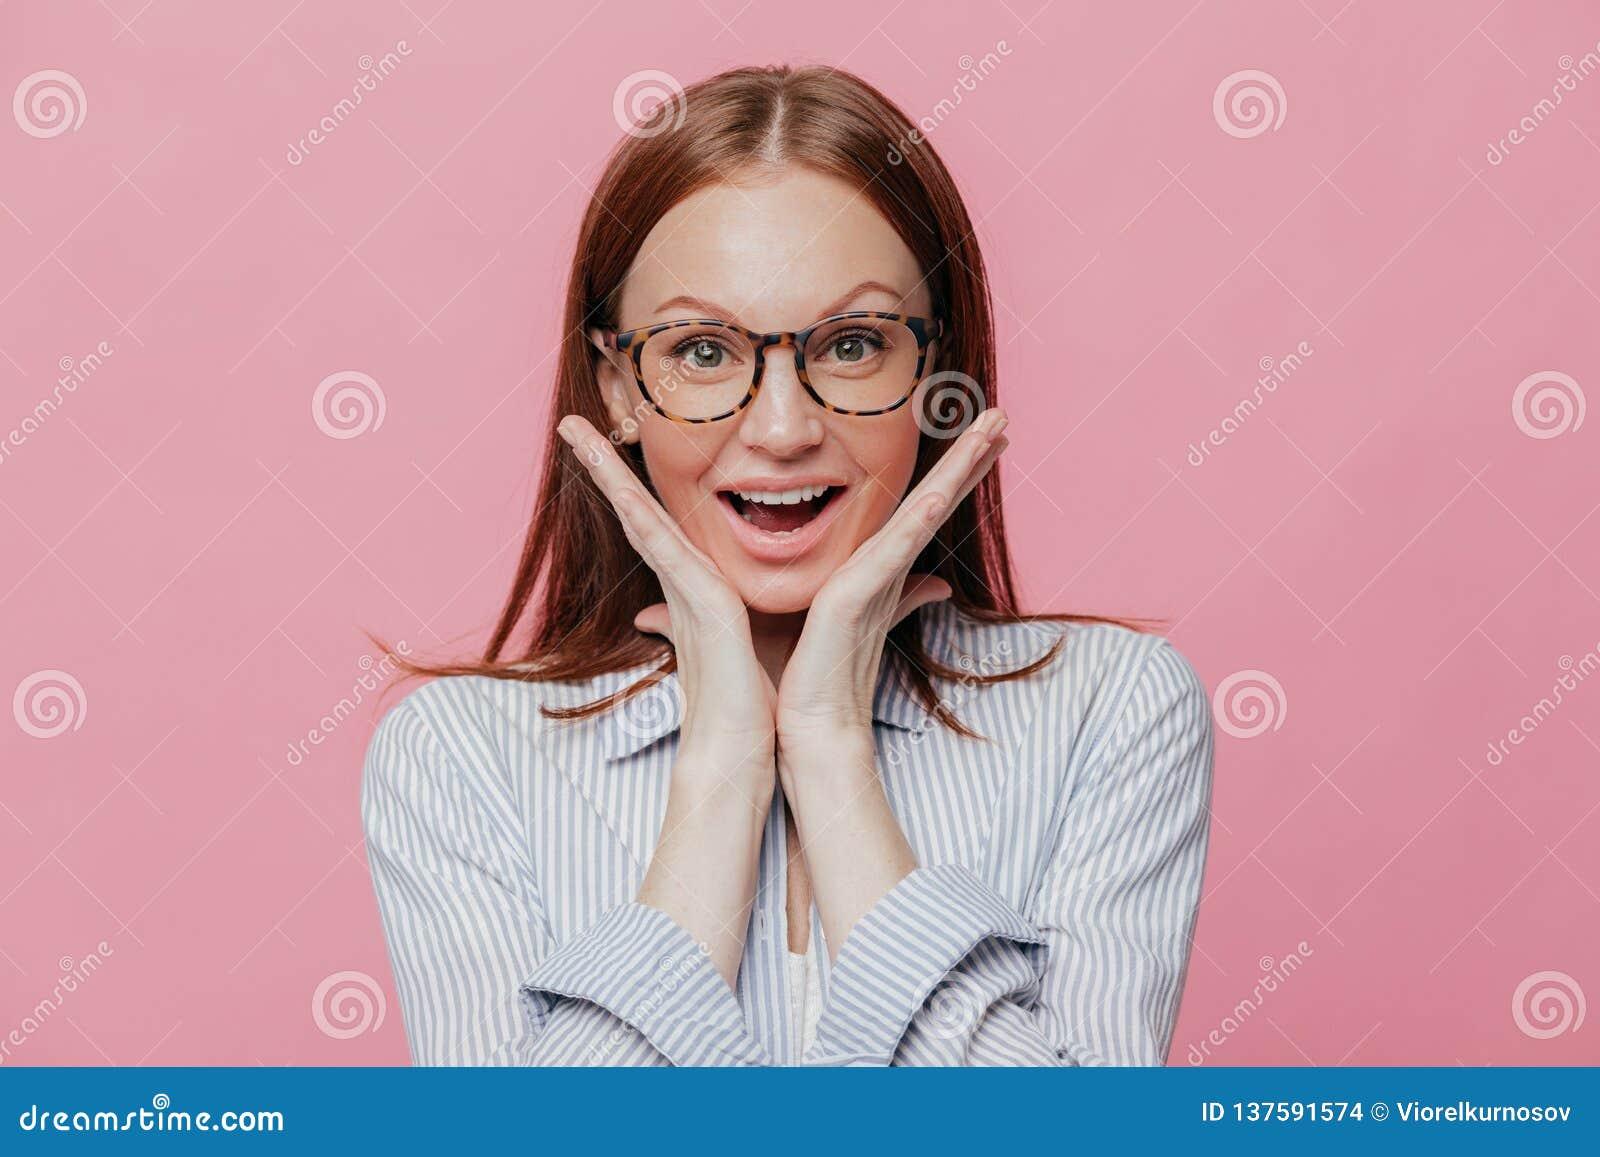 La mujer feliz guarda las manos debajo de la barbilla, siente encantada y satisfecha, lleva los vidrios ópticos y la camisa forma